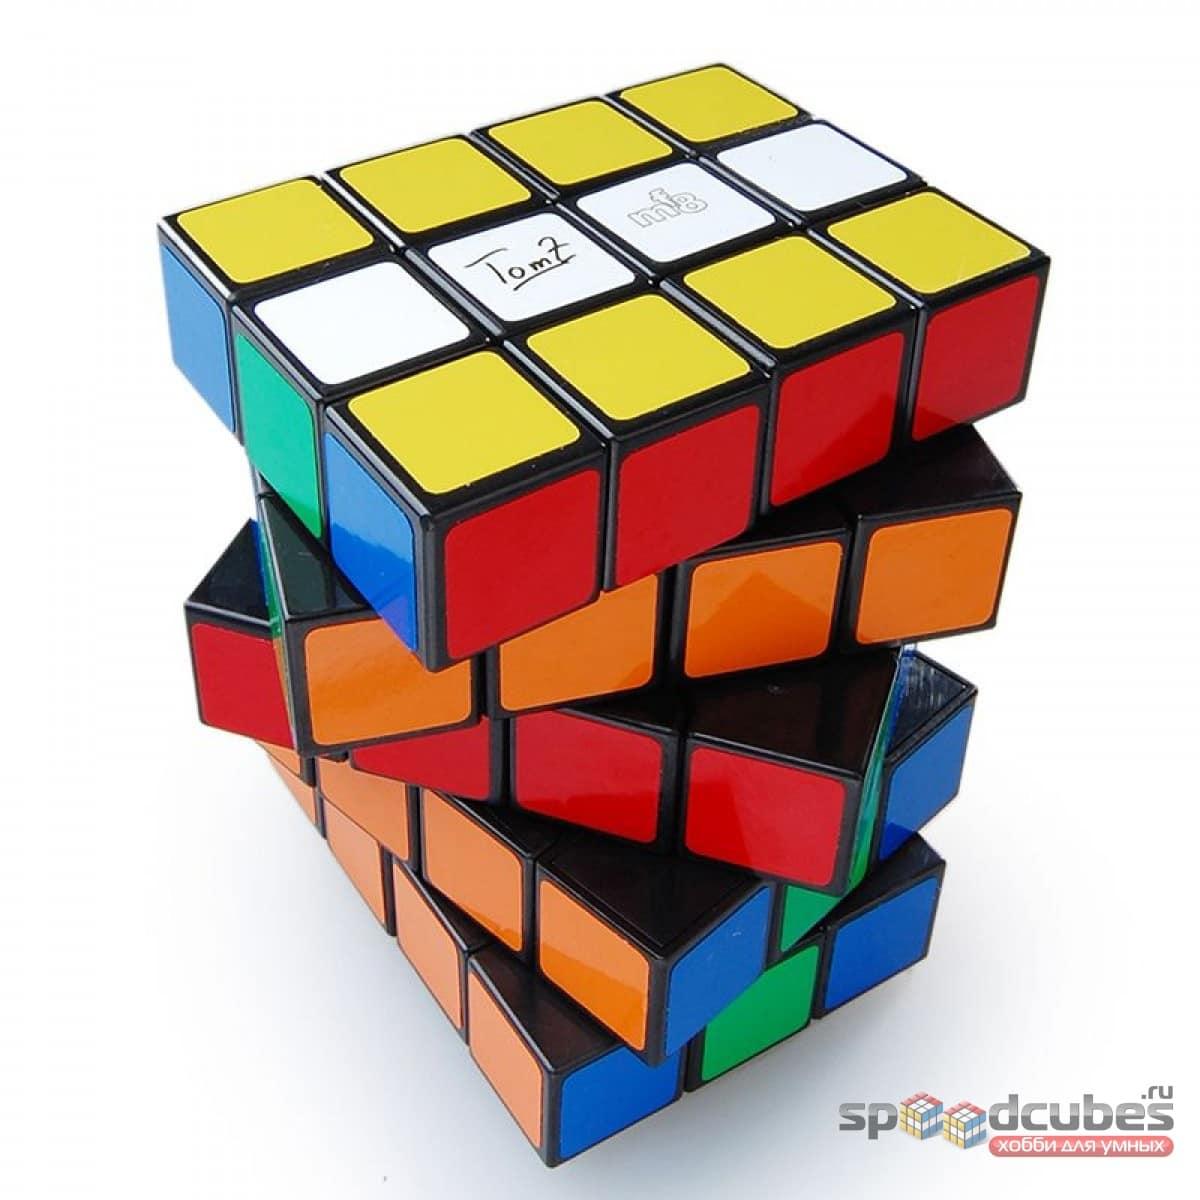 MF8 3x4x5 3